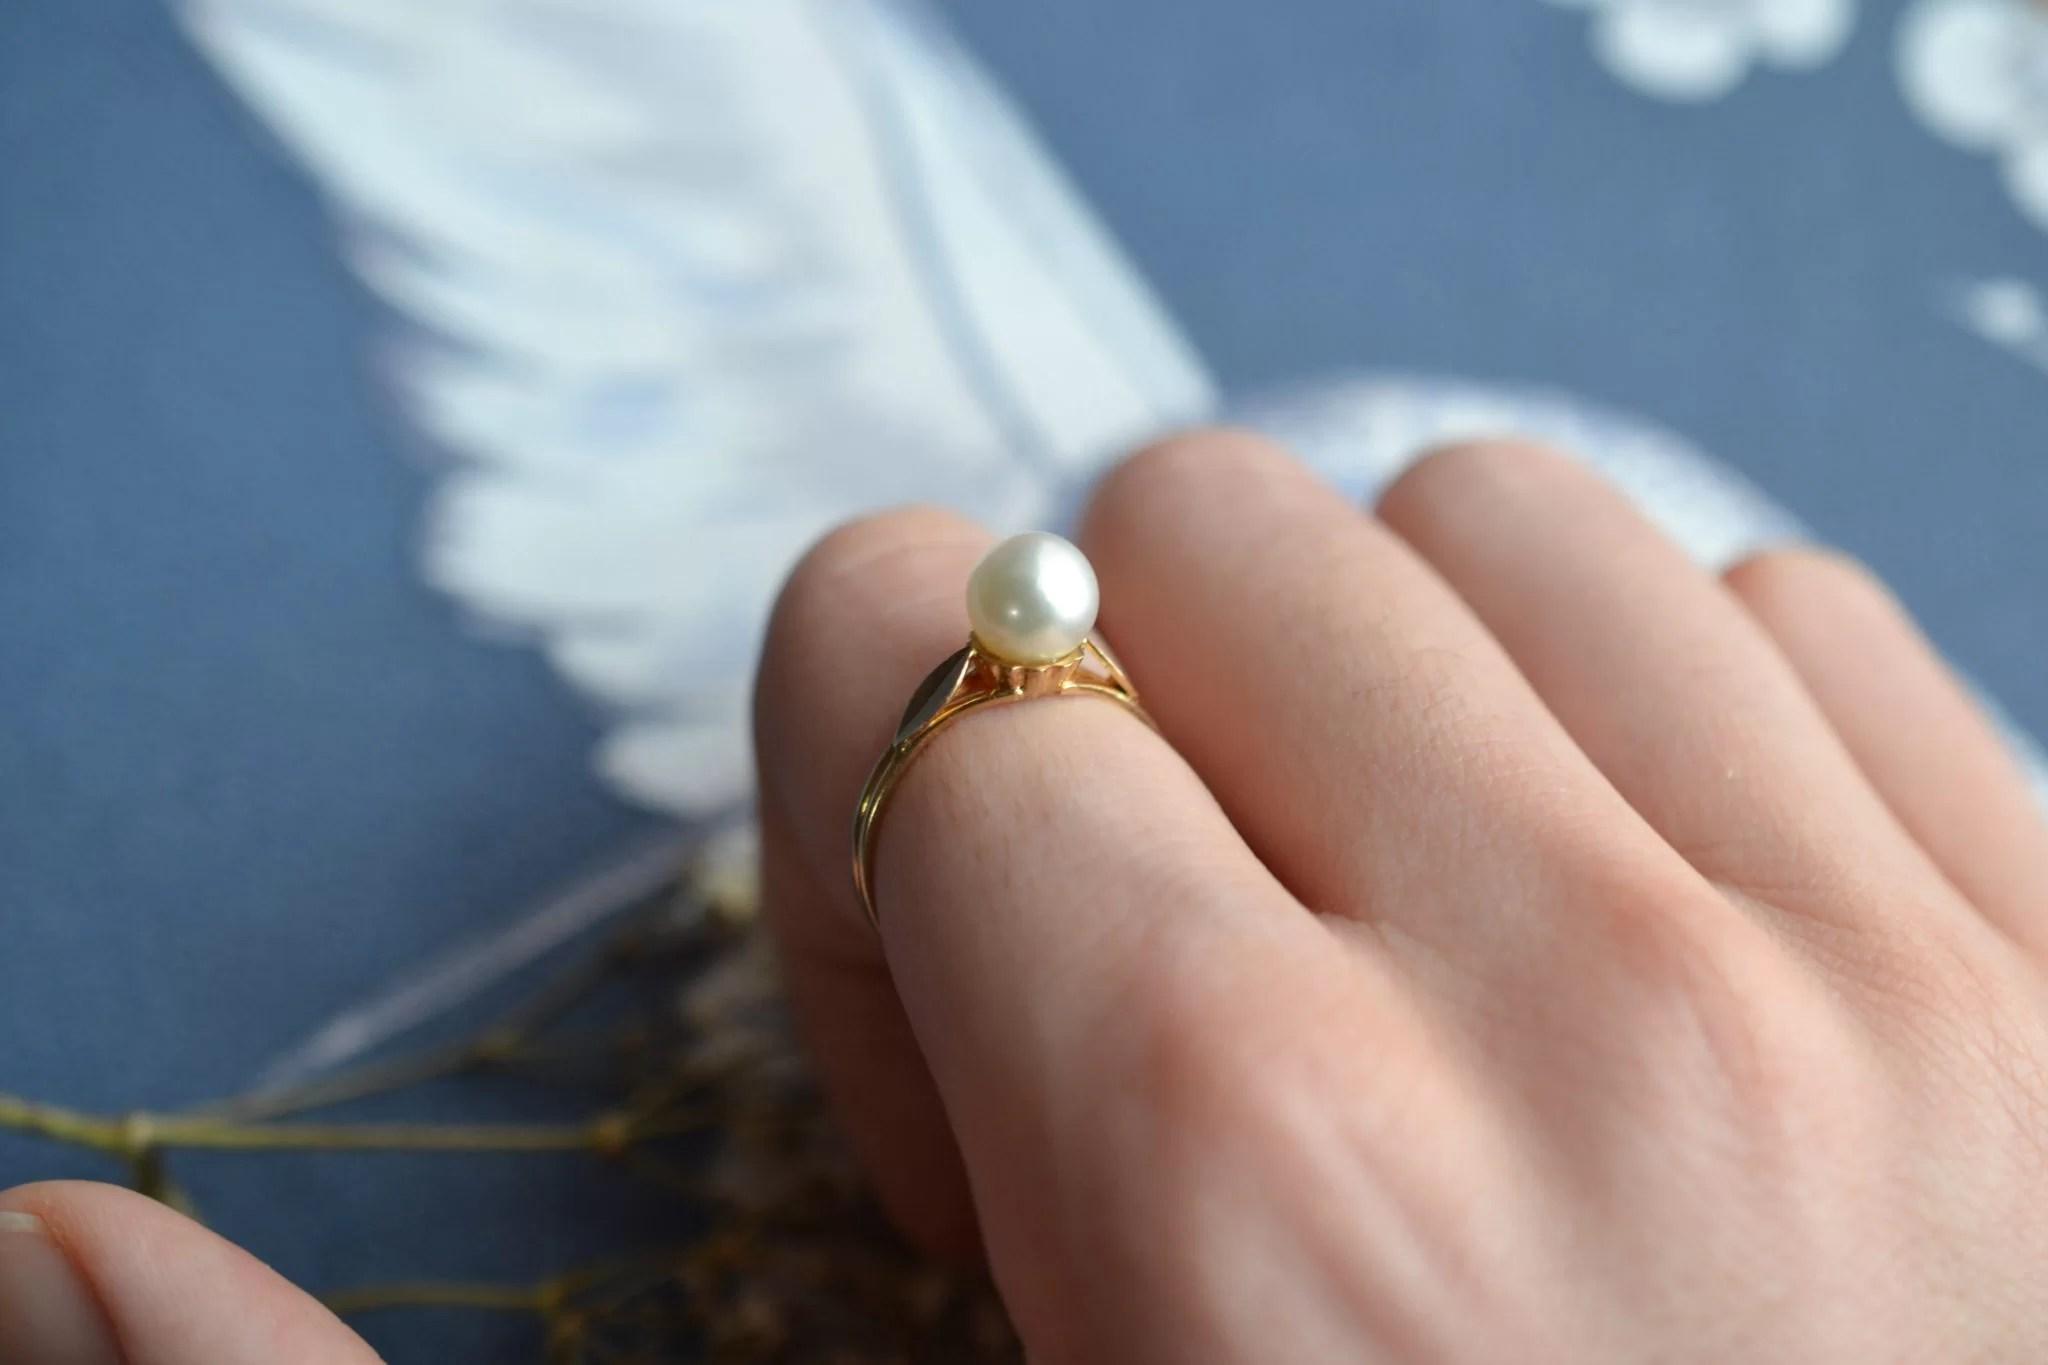 Bague en Or jaune ornée d_une perle - bague éthique